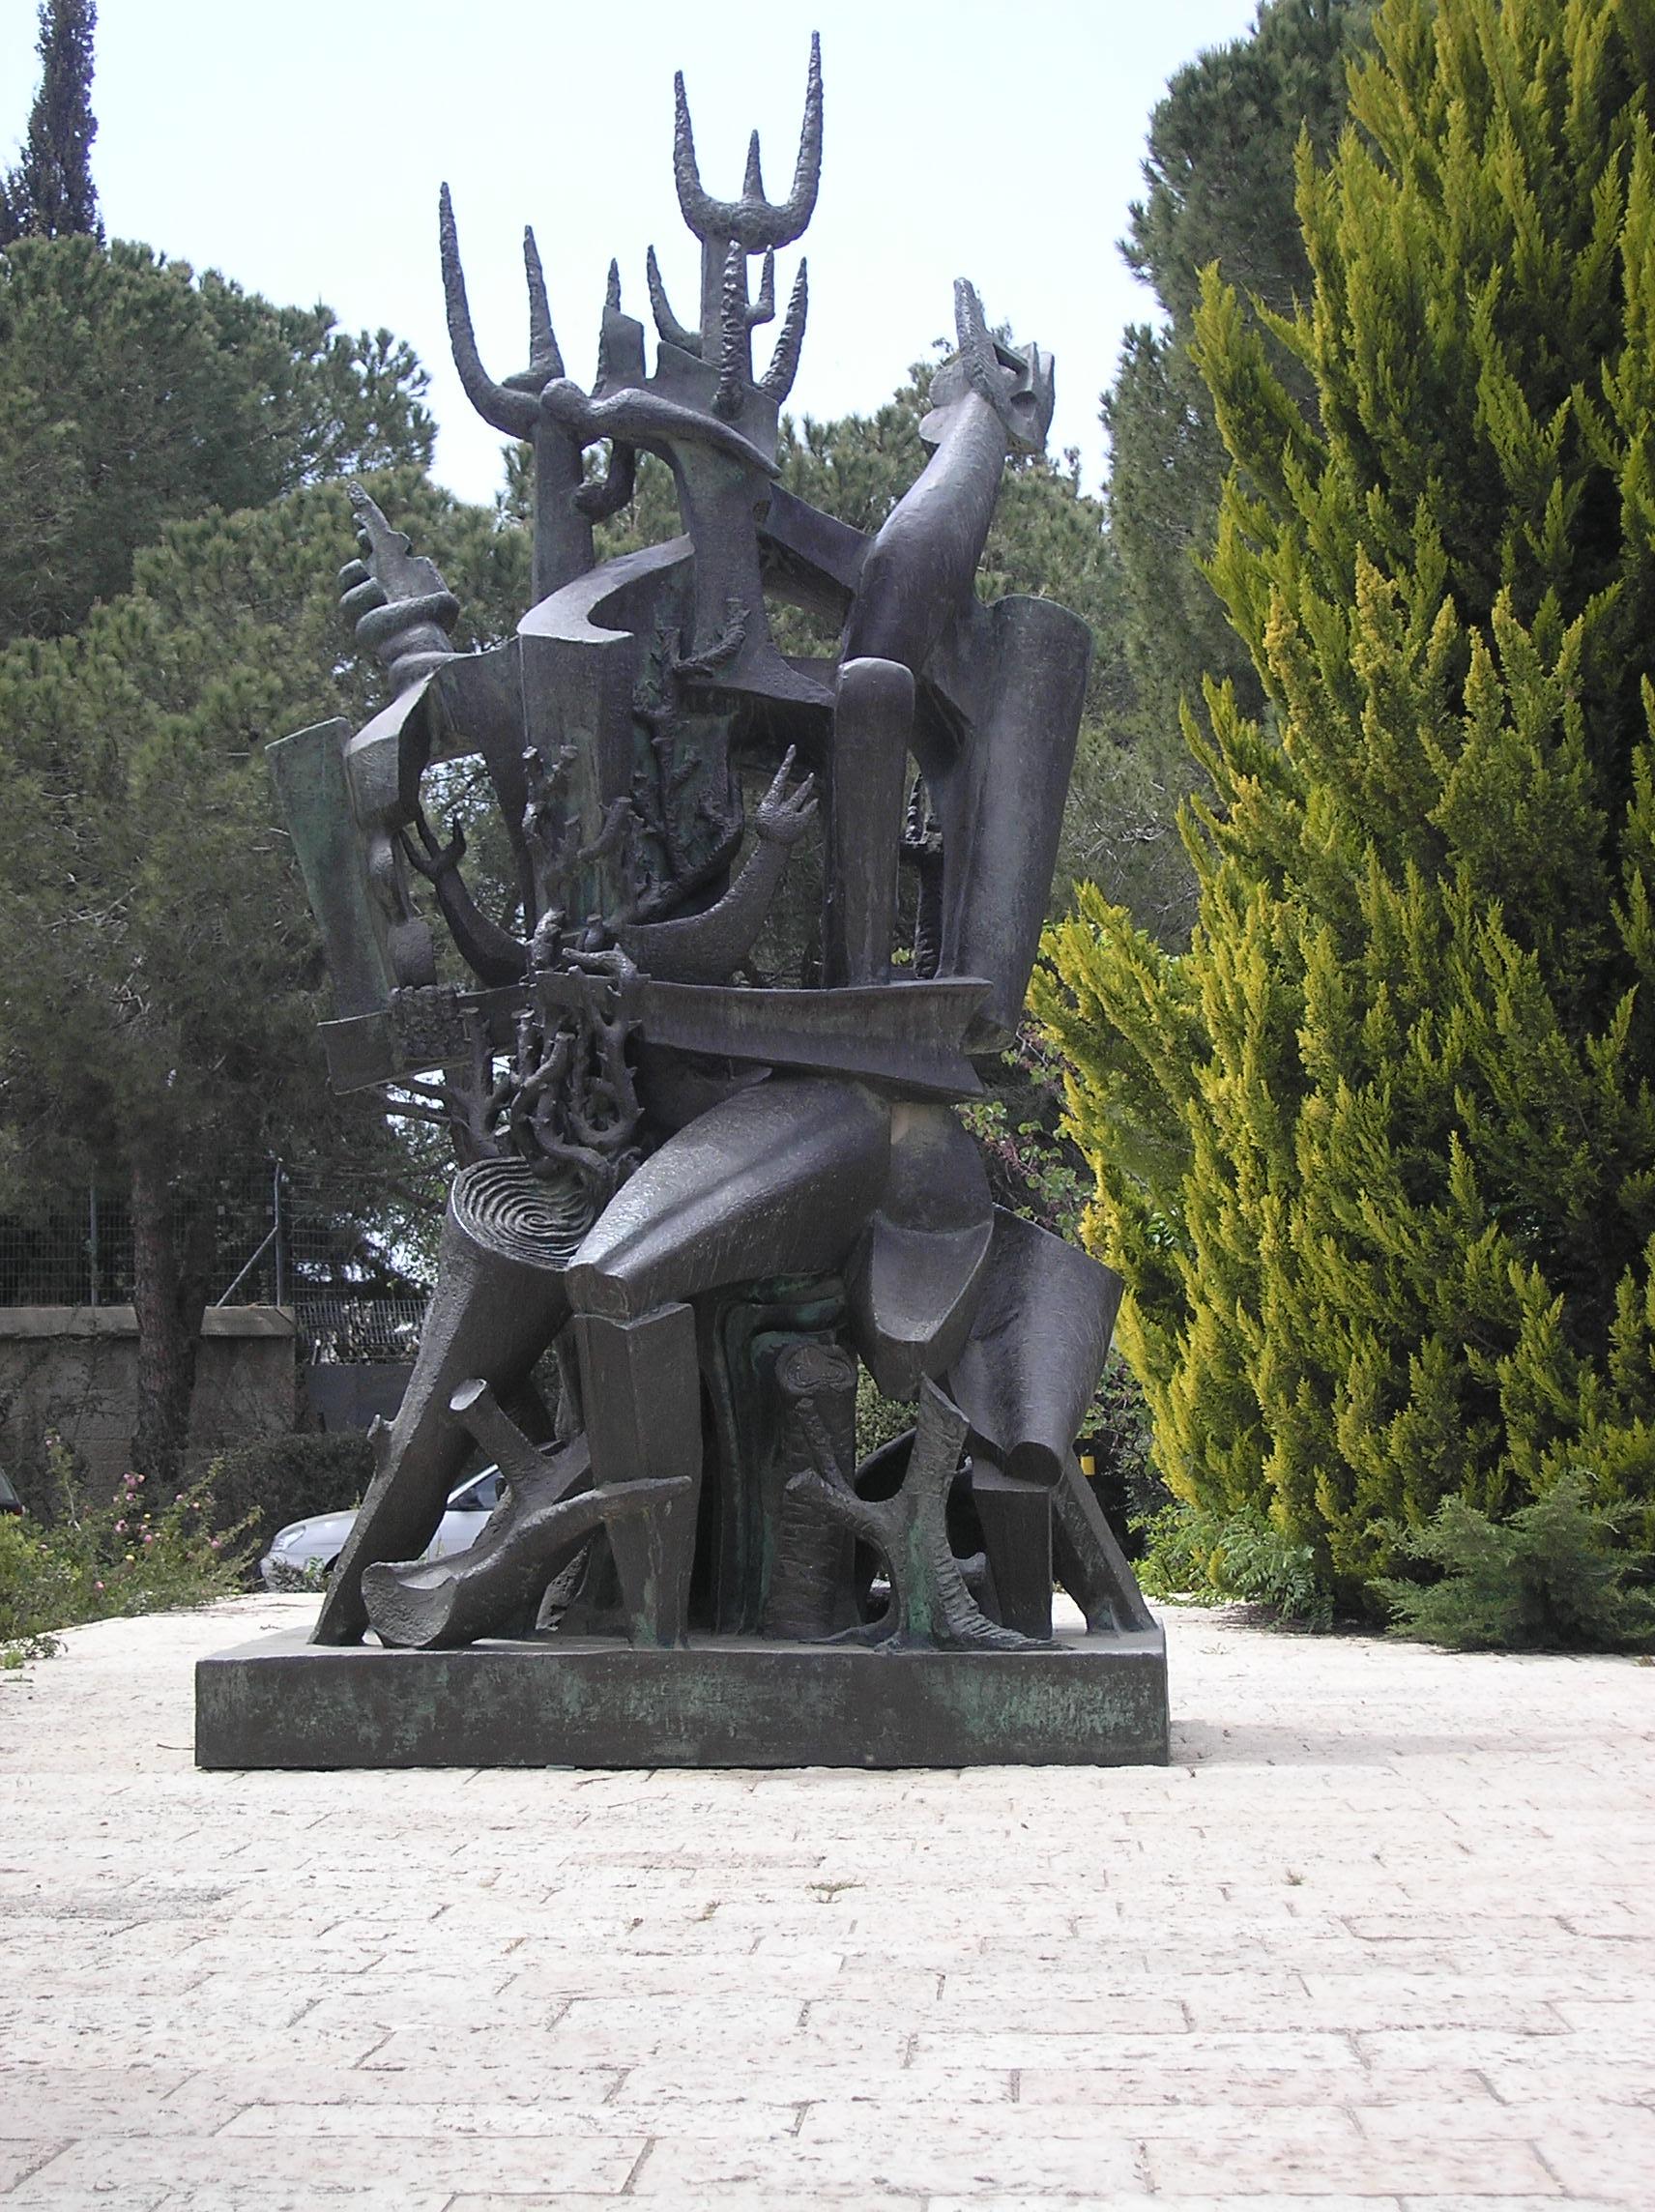 File:The Van Leer Institute P4110098.JPG - Wikimedia Commons